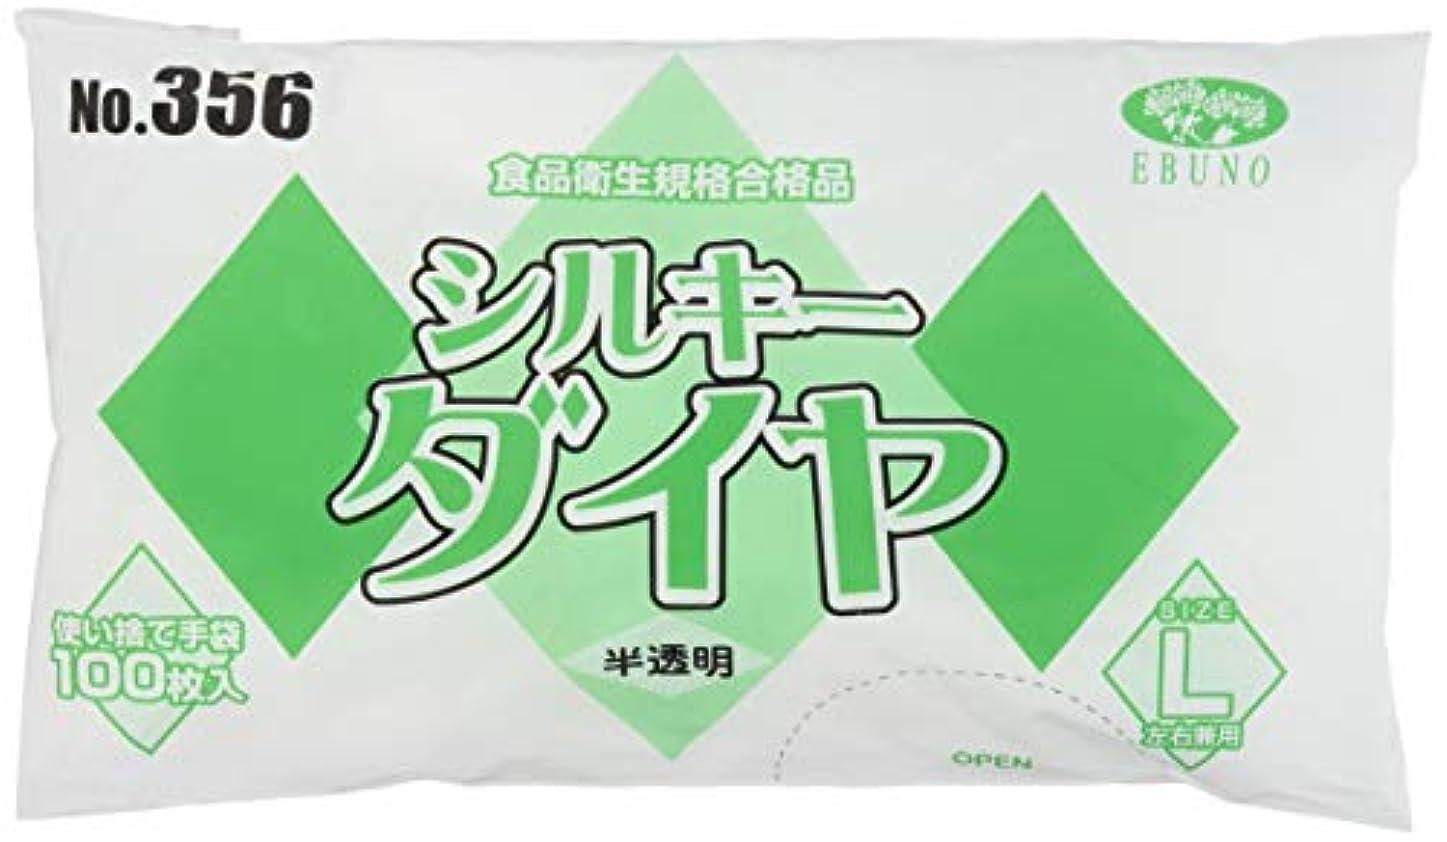 協力求めるジュラシックパークNo.356 食品加工用使い捨て手袋 シルキーダイヤ 半透明 Lサイズ 袋入 100枚入